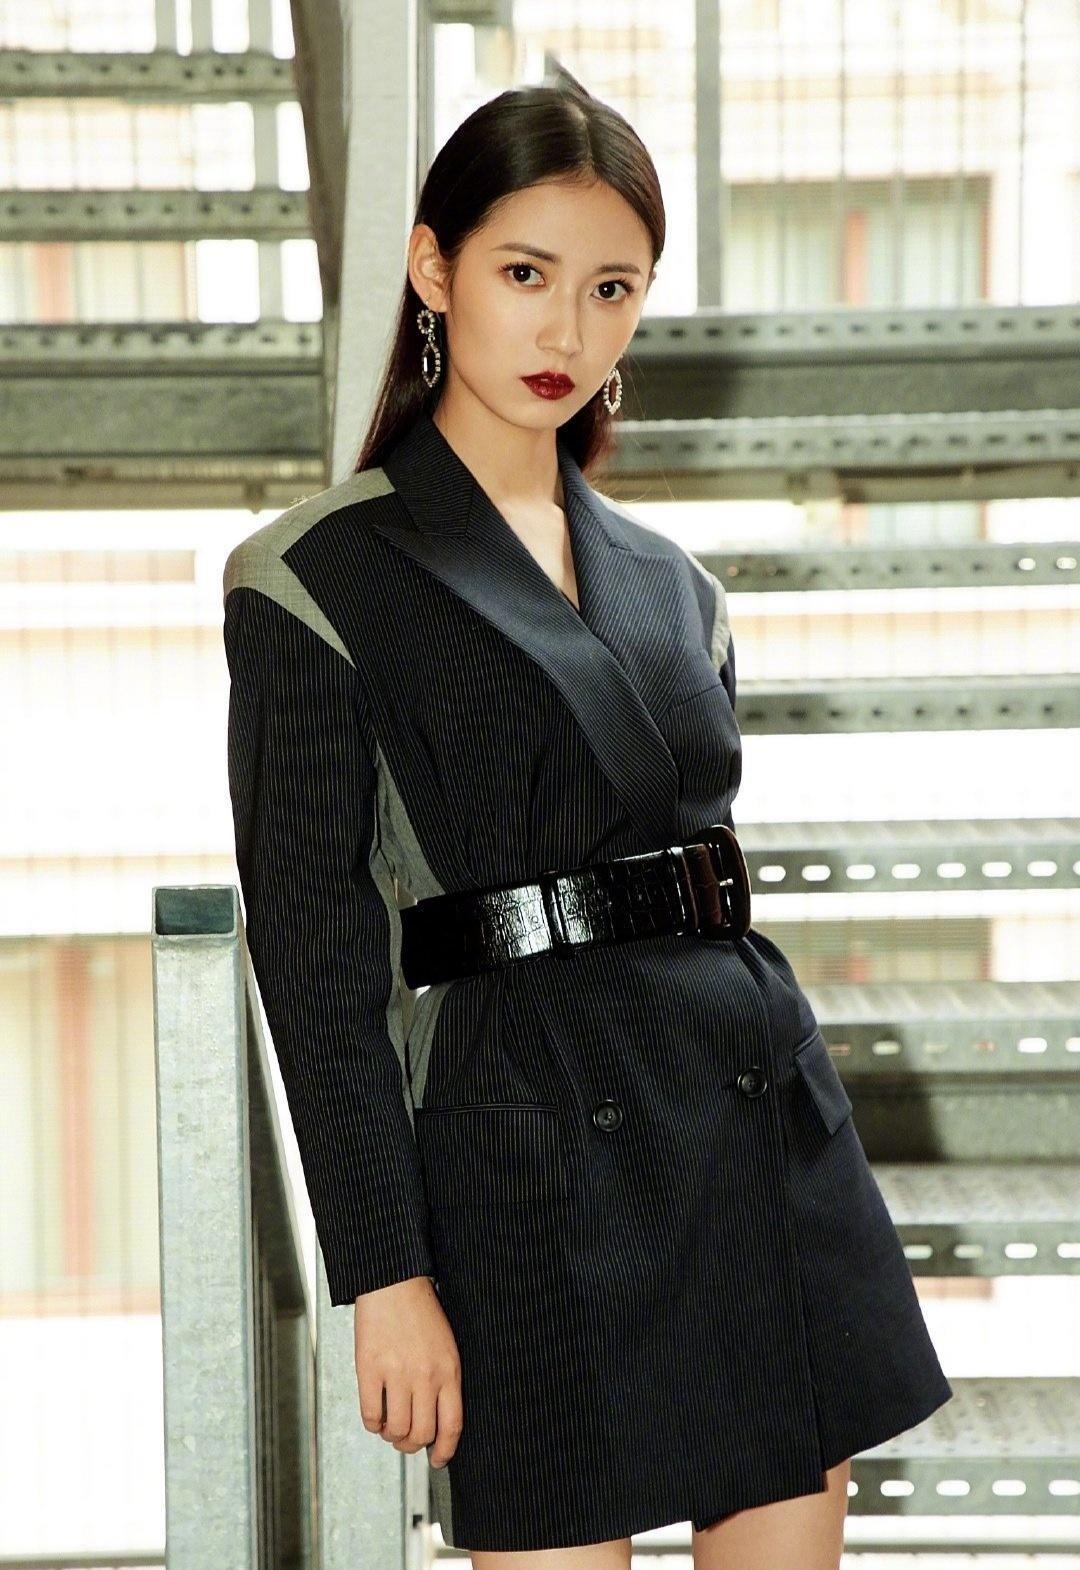 陈钰琪衣品很不错,套装精致民族优雅休闲清爽,演绎别致的时髦感